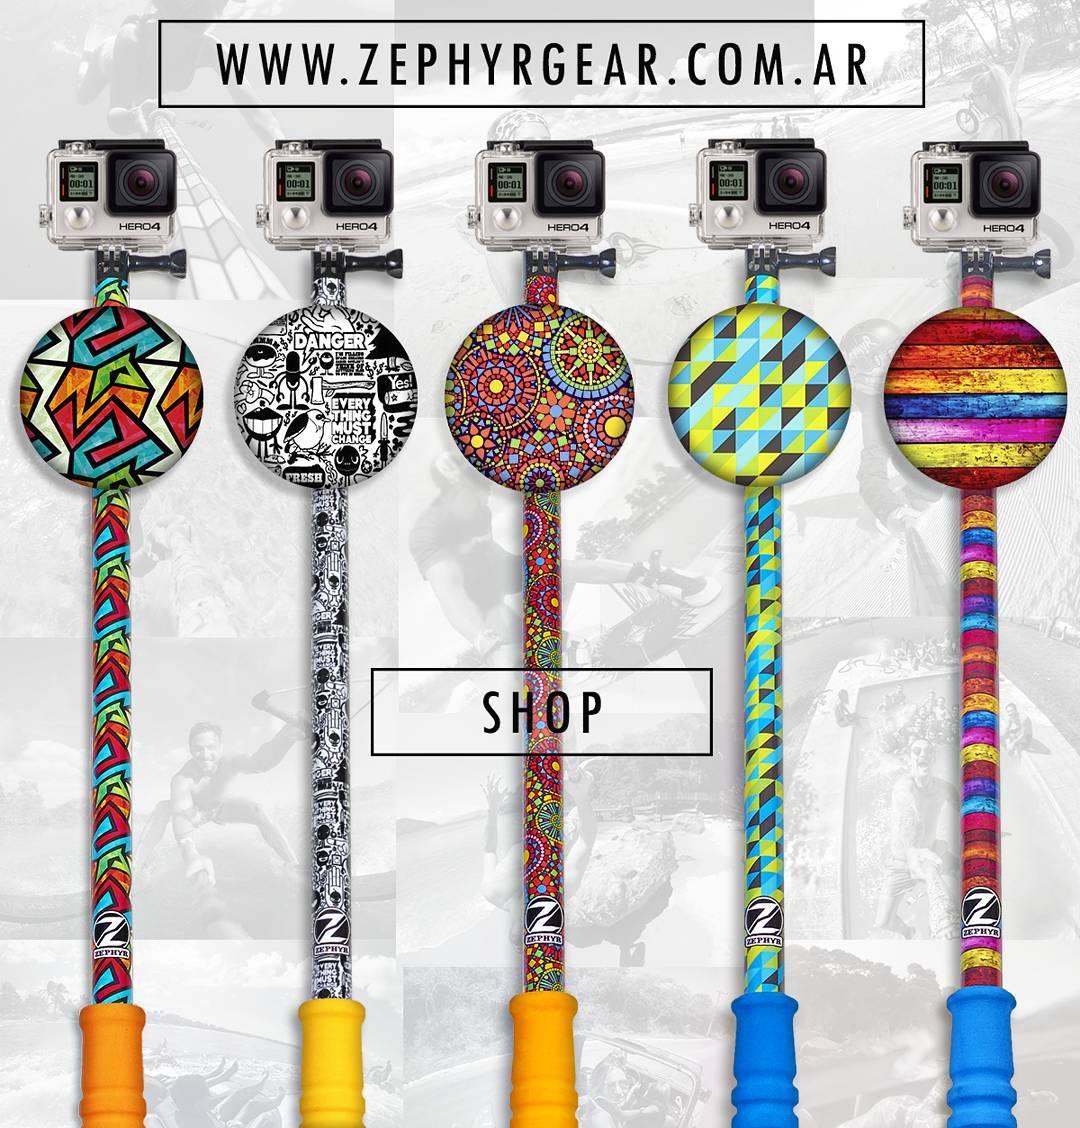 Compra en nuestro #ShopOnline con envio a la puerta de tu casa! www.ZephyrGear.com.ar  #ZephyrPole #GoPro